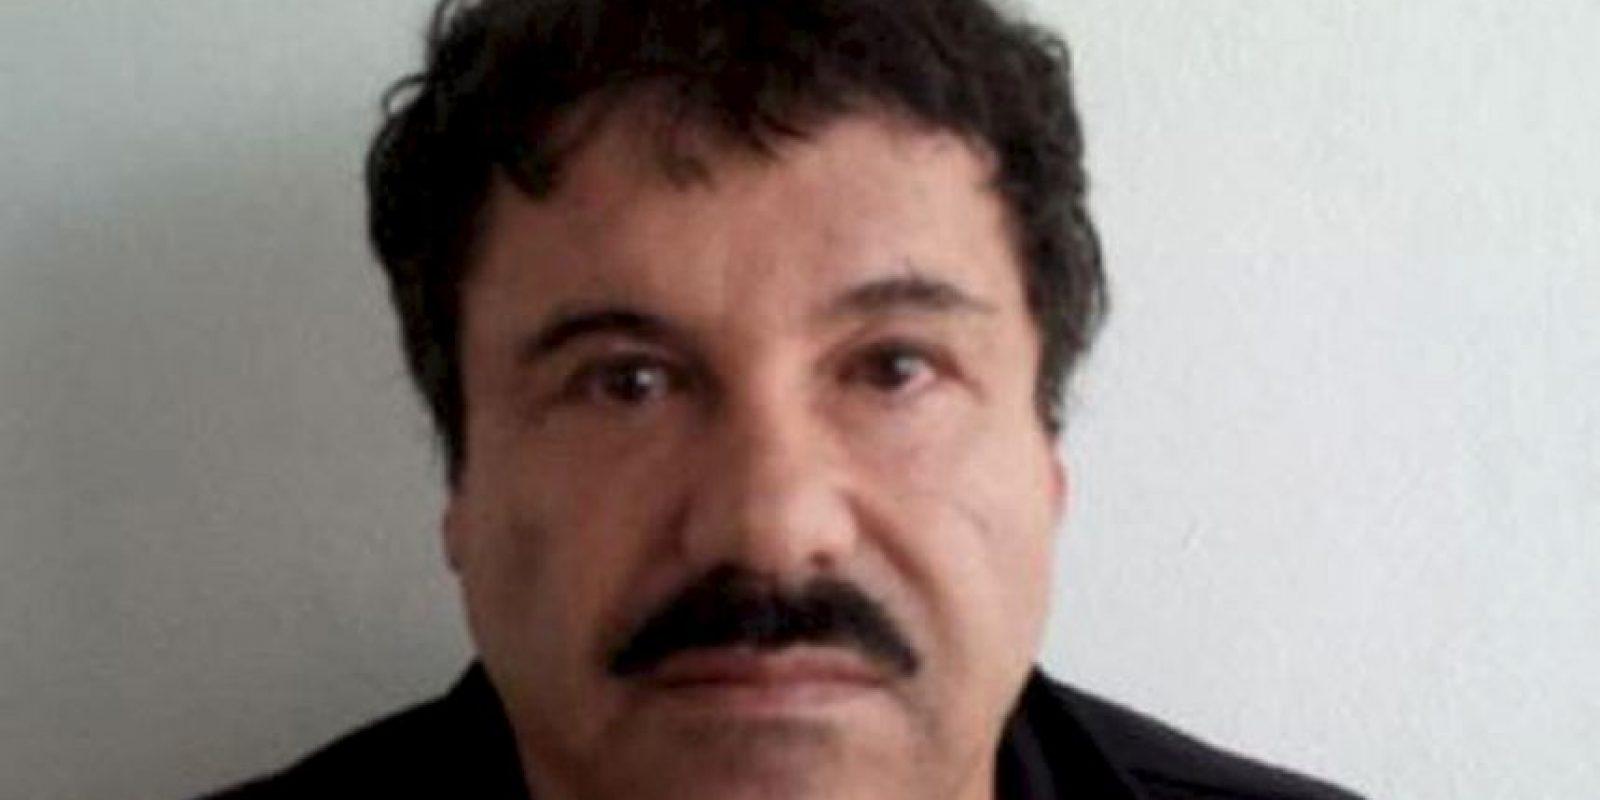 """La autoridades de Bolivia quieren prevenir que el narcotraficante mexicano Joaquín """"El Chapo"""" Guzmán entre a su territorio. Foto:AFP"""